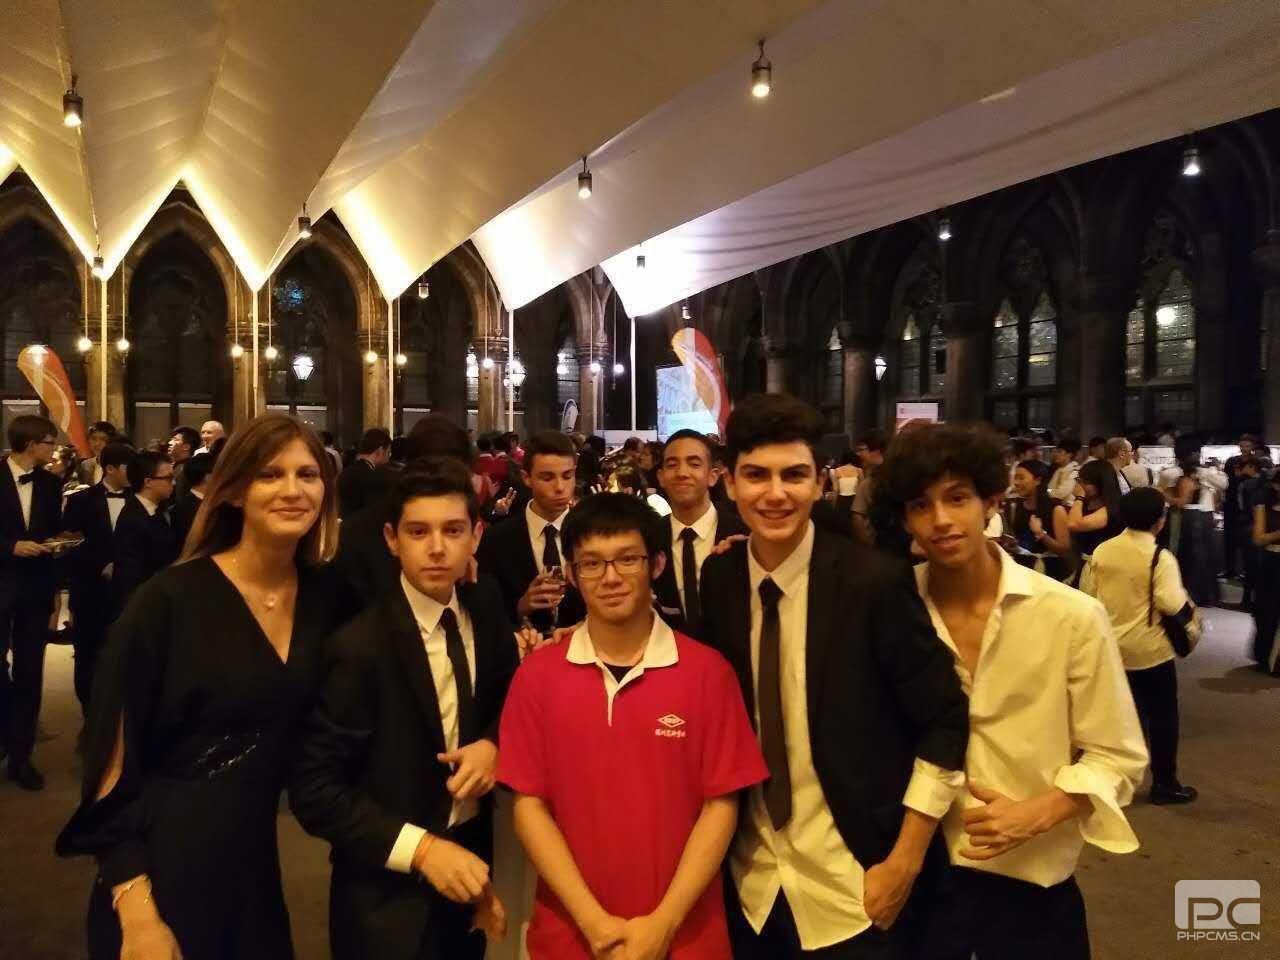 黄睿炜于2017年7月随深圳实验学校交响乐团赴奥地利